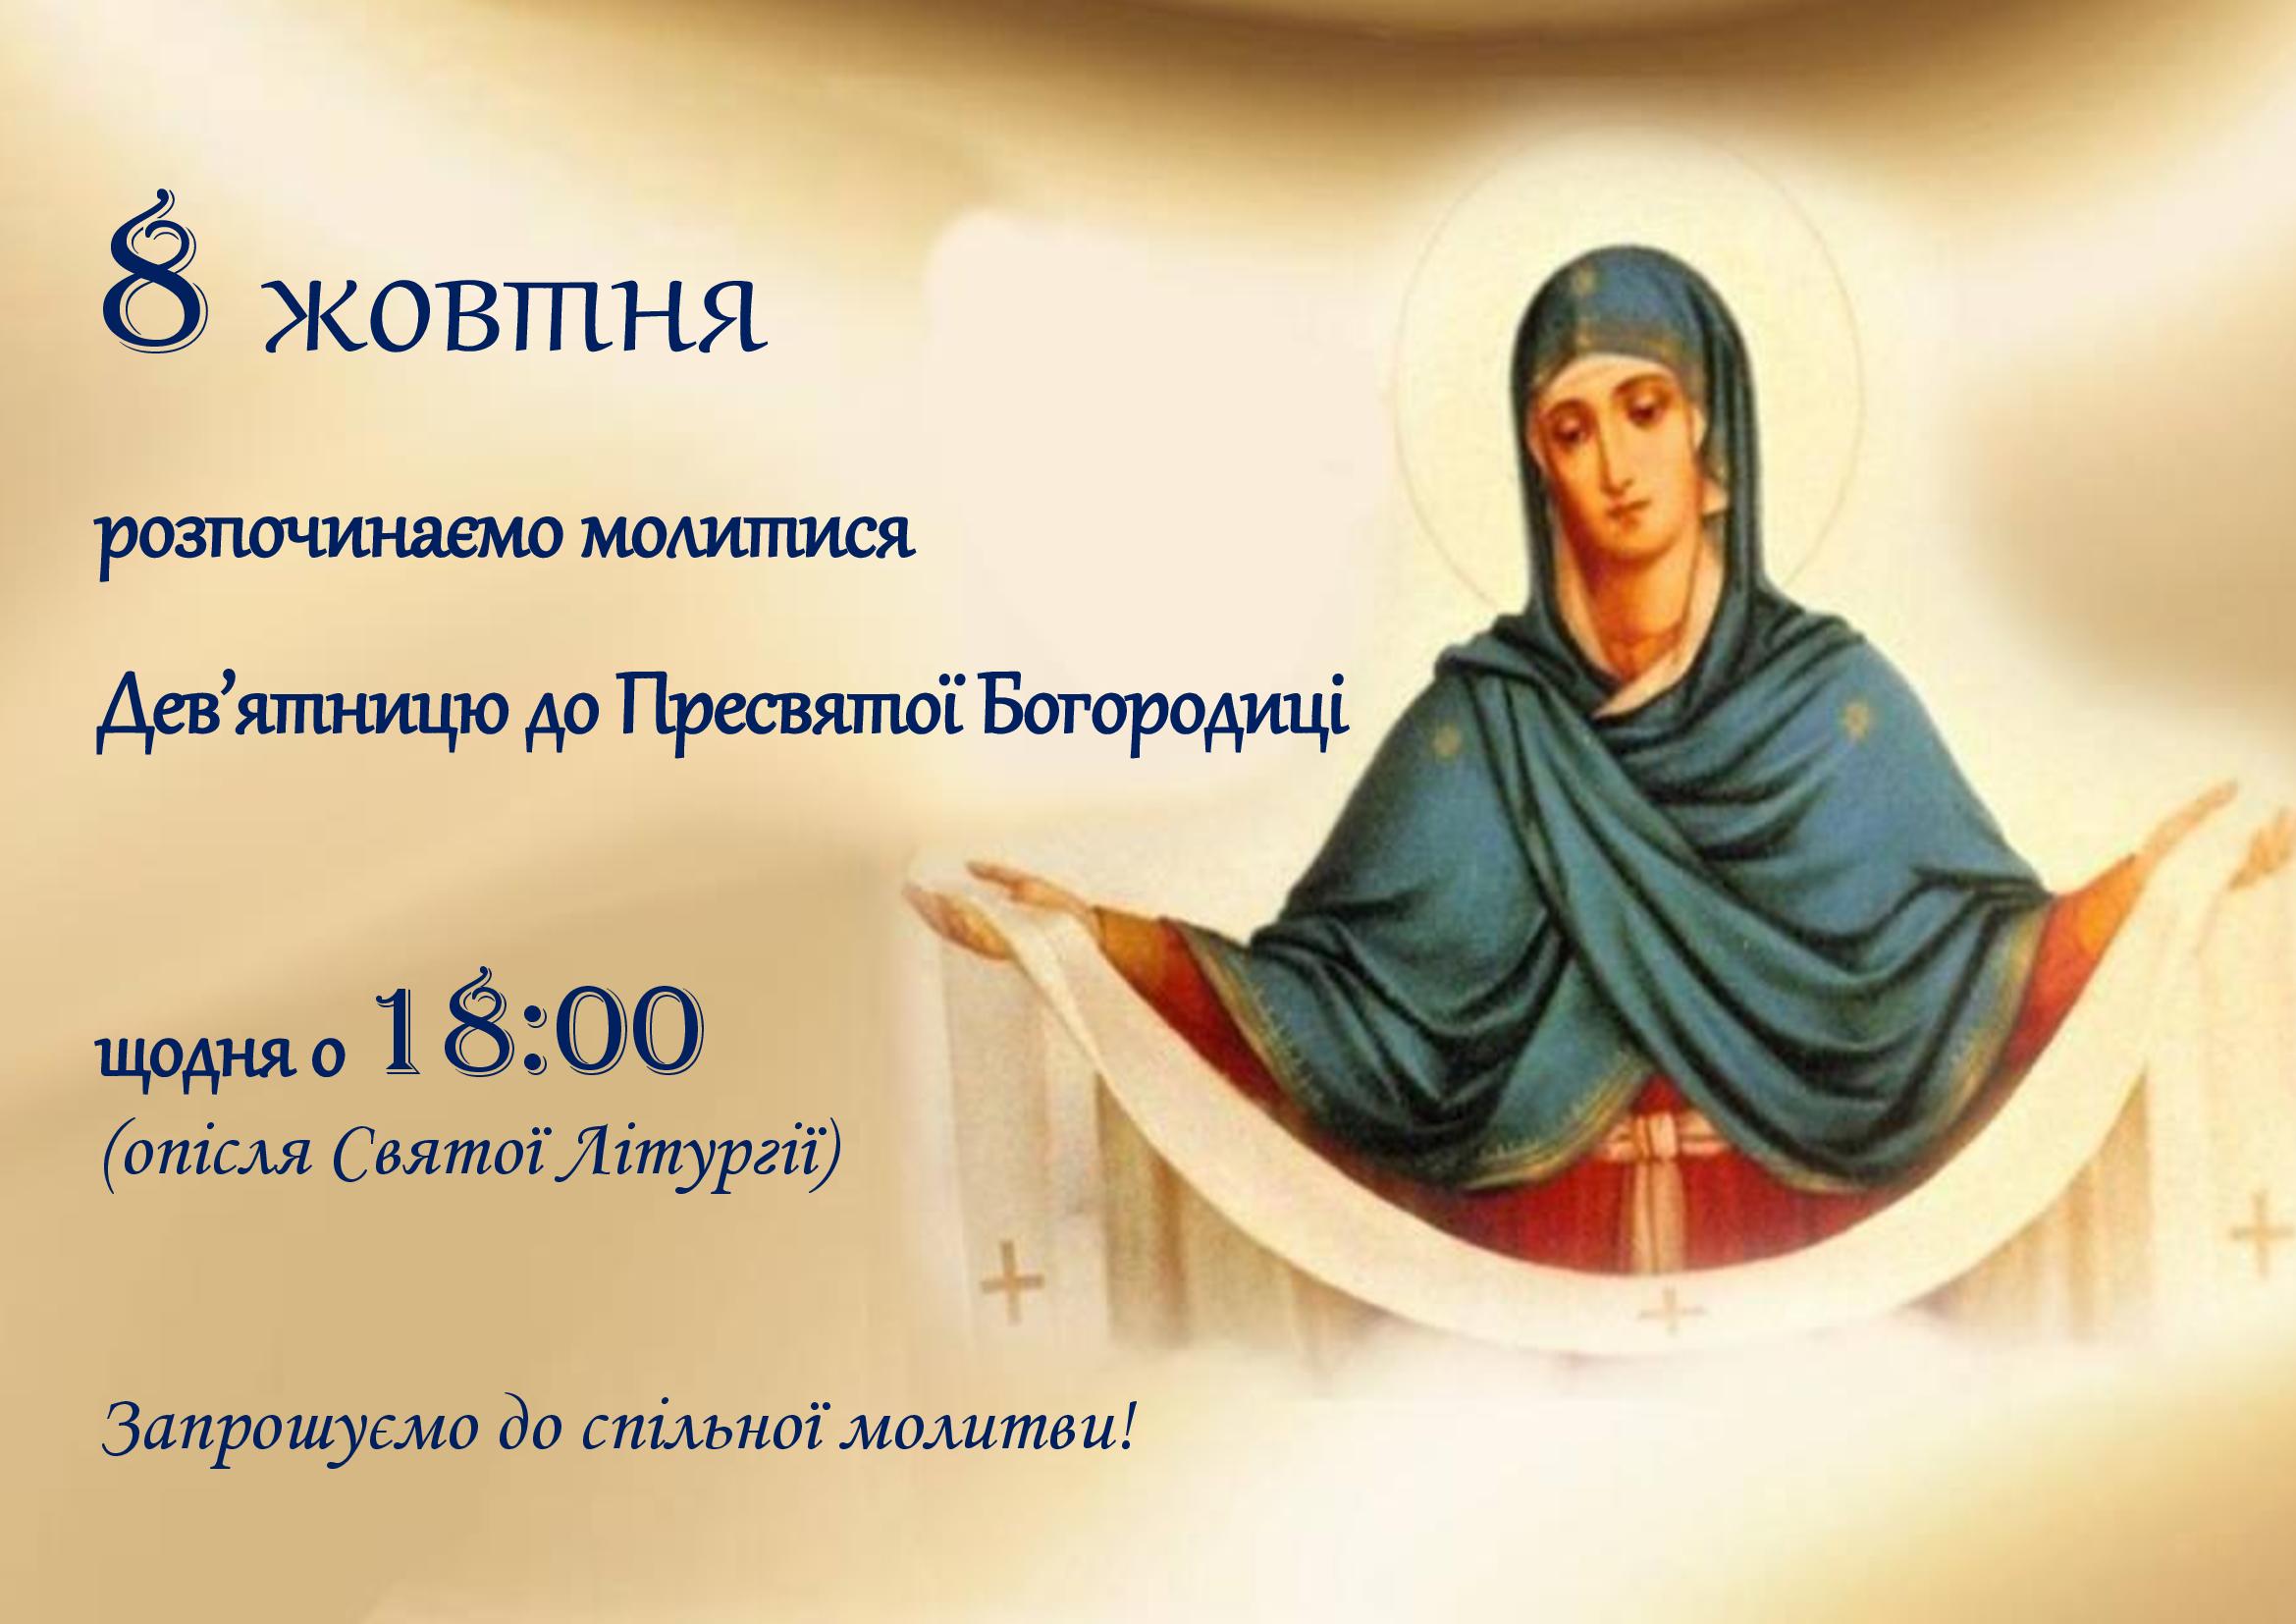 Розпочинаємо молитися Дев'ятницю до Пресвятої Богородиці